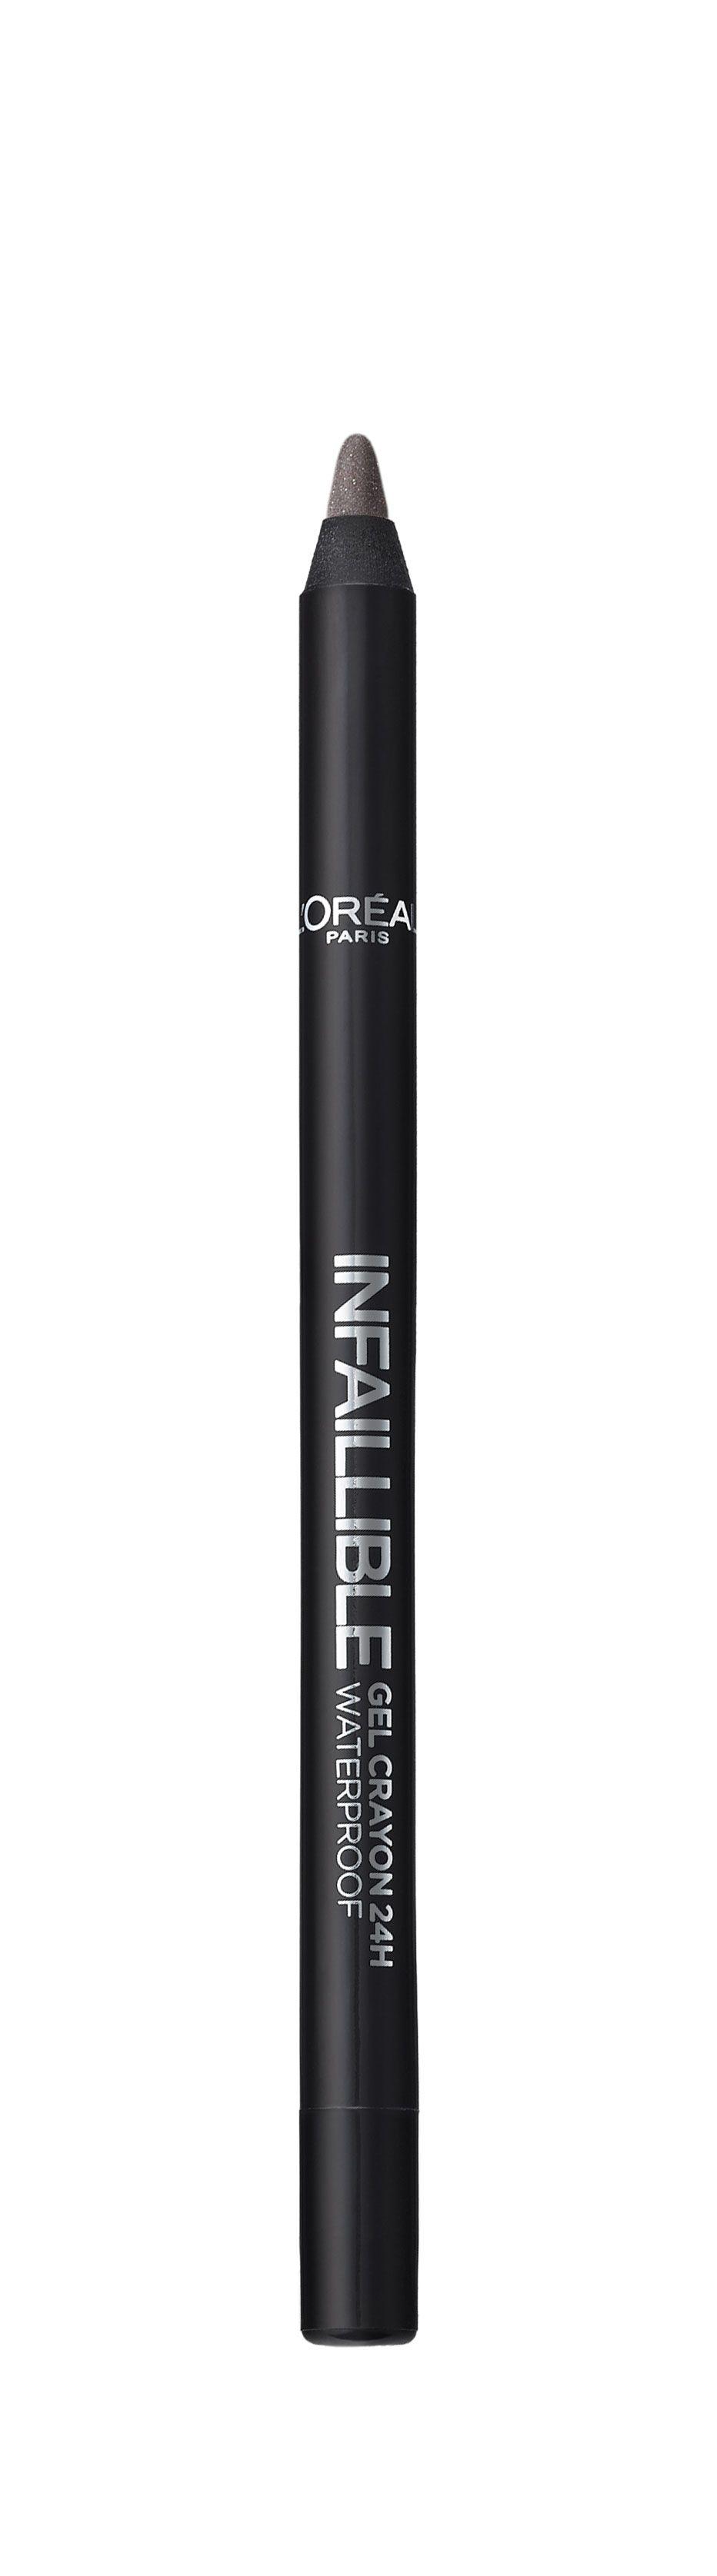 LOreal Paris Стойкий гелевый карандаш для глаз Infaillible, Оттенок 4, На серой высоте28032022Насыщенные пигменты и гелевая основа карандаша способствуют точному нанесению и устойчивому водостойкому результату на 24 часа. Множество оттенков – от базовых до самых ярких – для разнообразных вариантов макияжа.